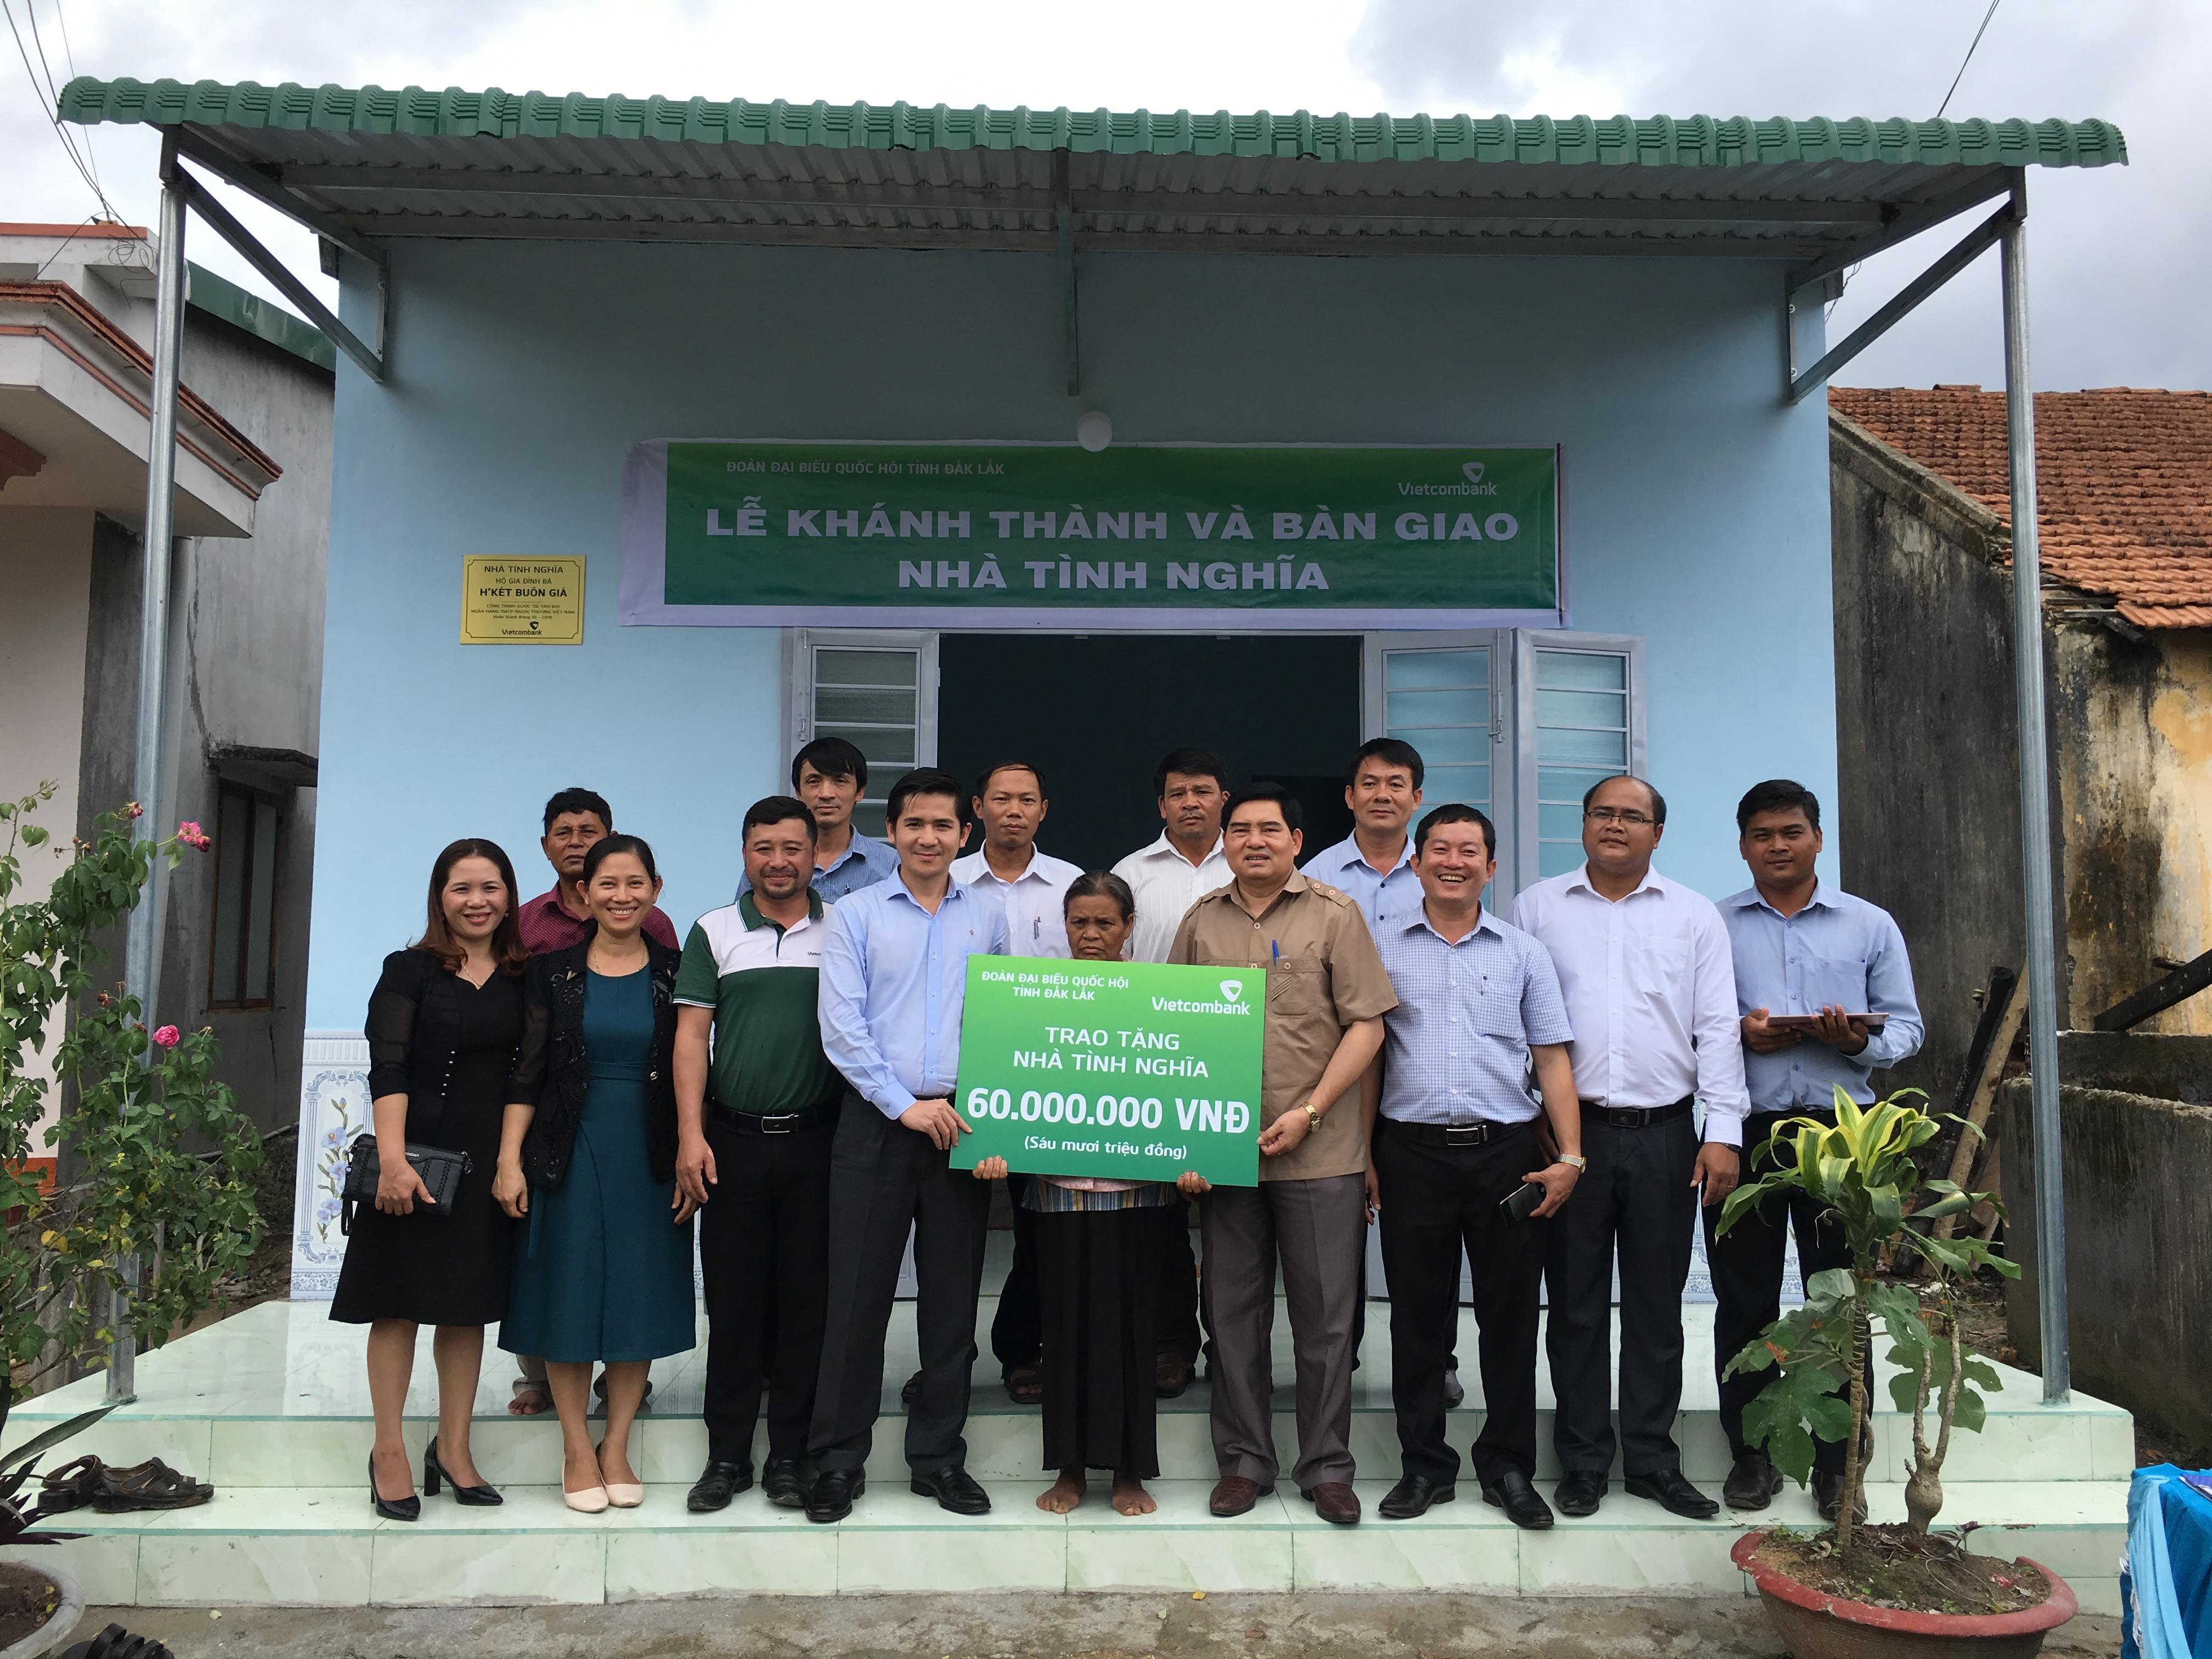 Bàn giao nhà tình nghĩa cho hộ nghèo tại huyện M'Drắk